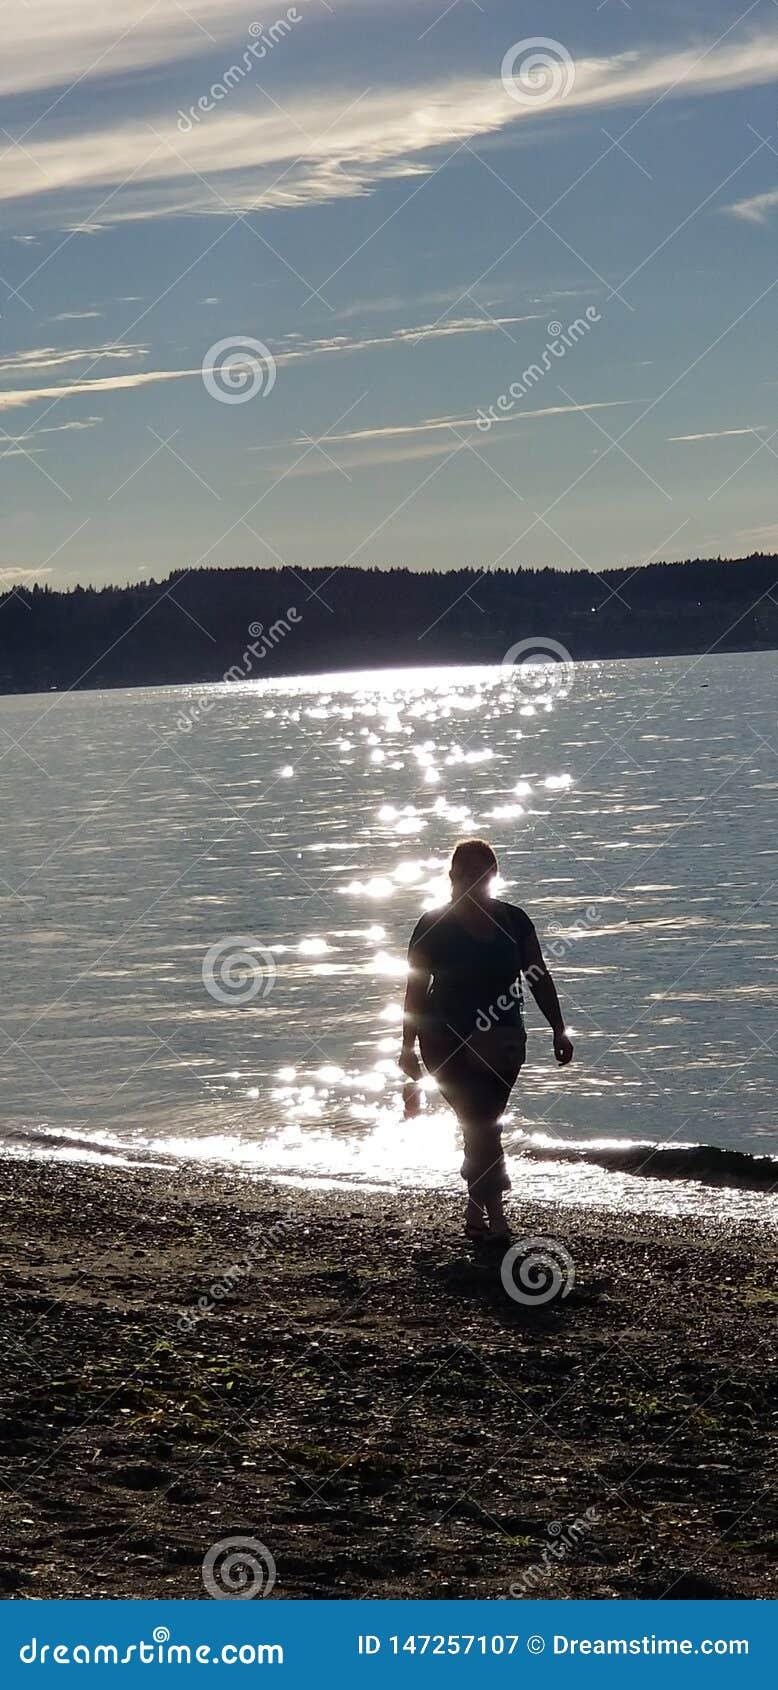 Je veux être une sirène et un bain avec les poissons aucune inquiétudes